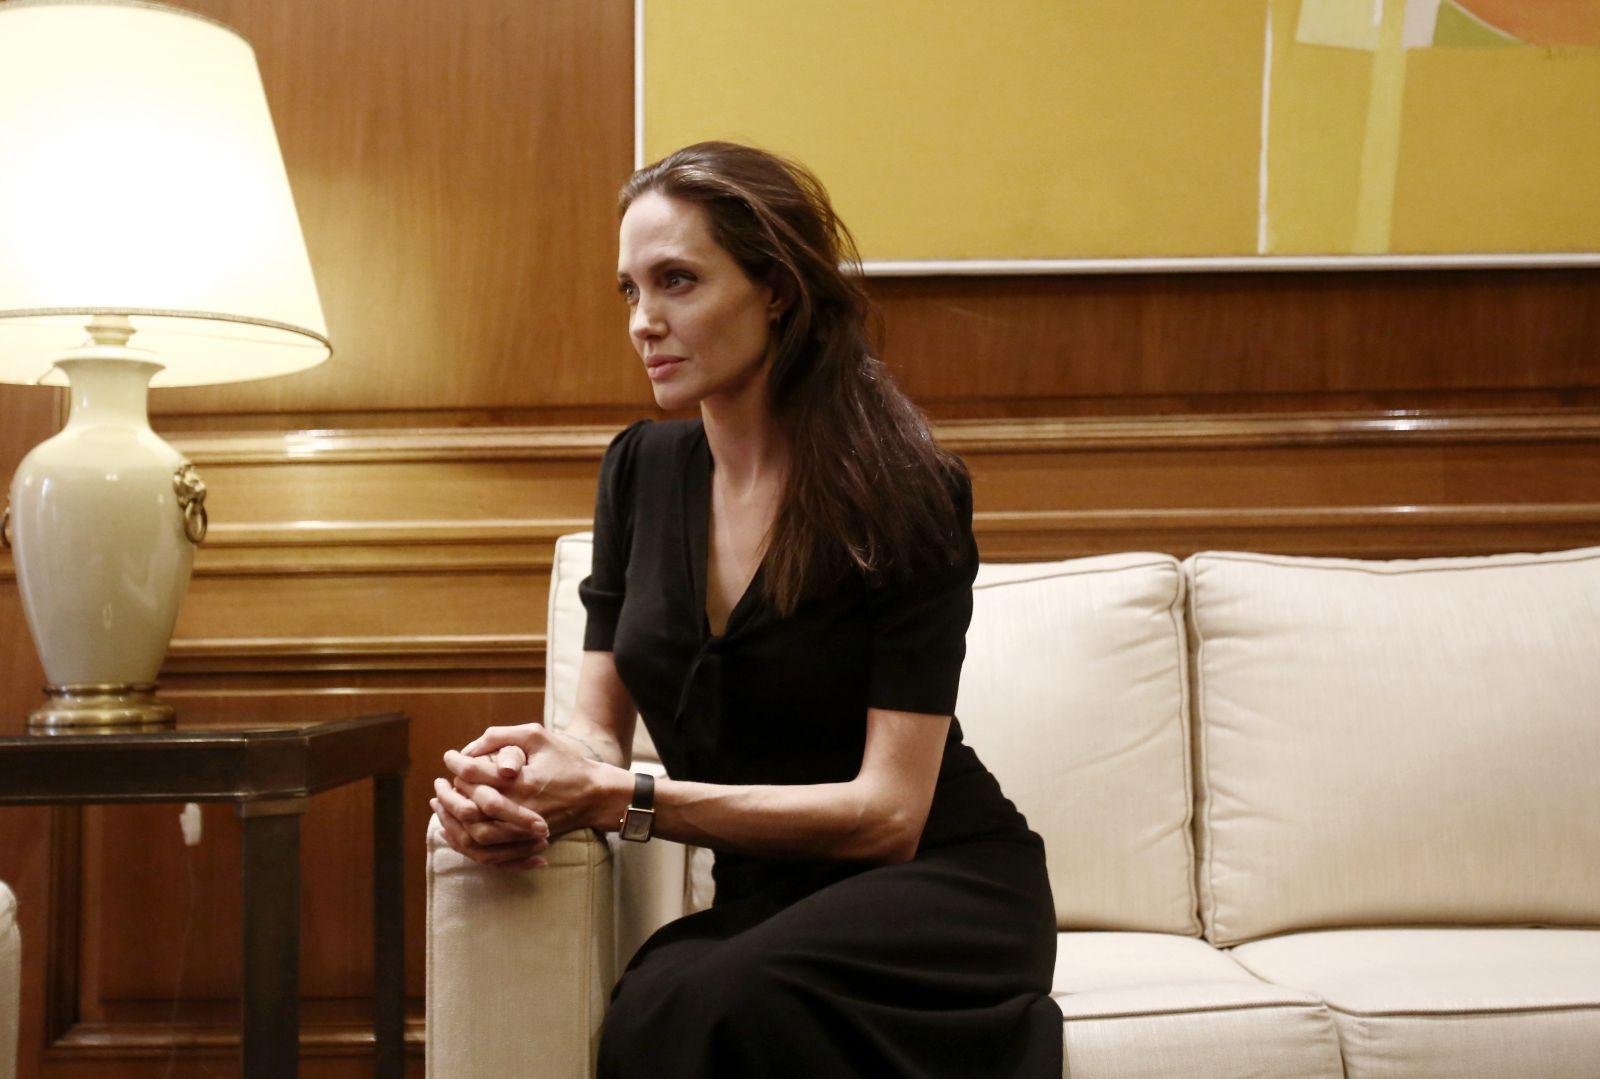 Анджелину Джоли госпитализировали в тяжелом состоянии – СМИ